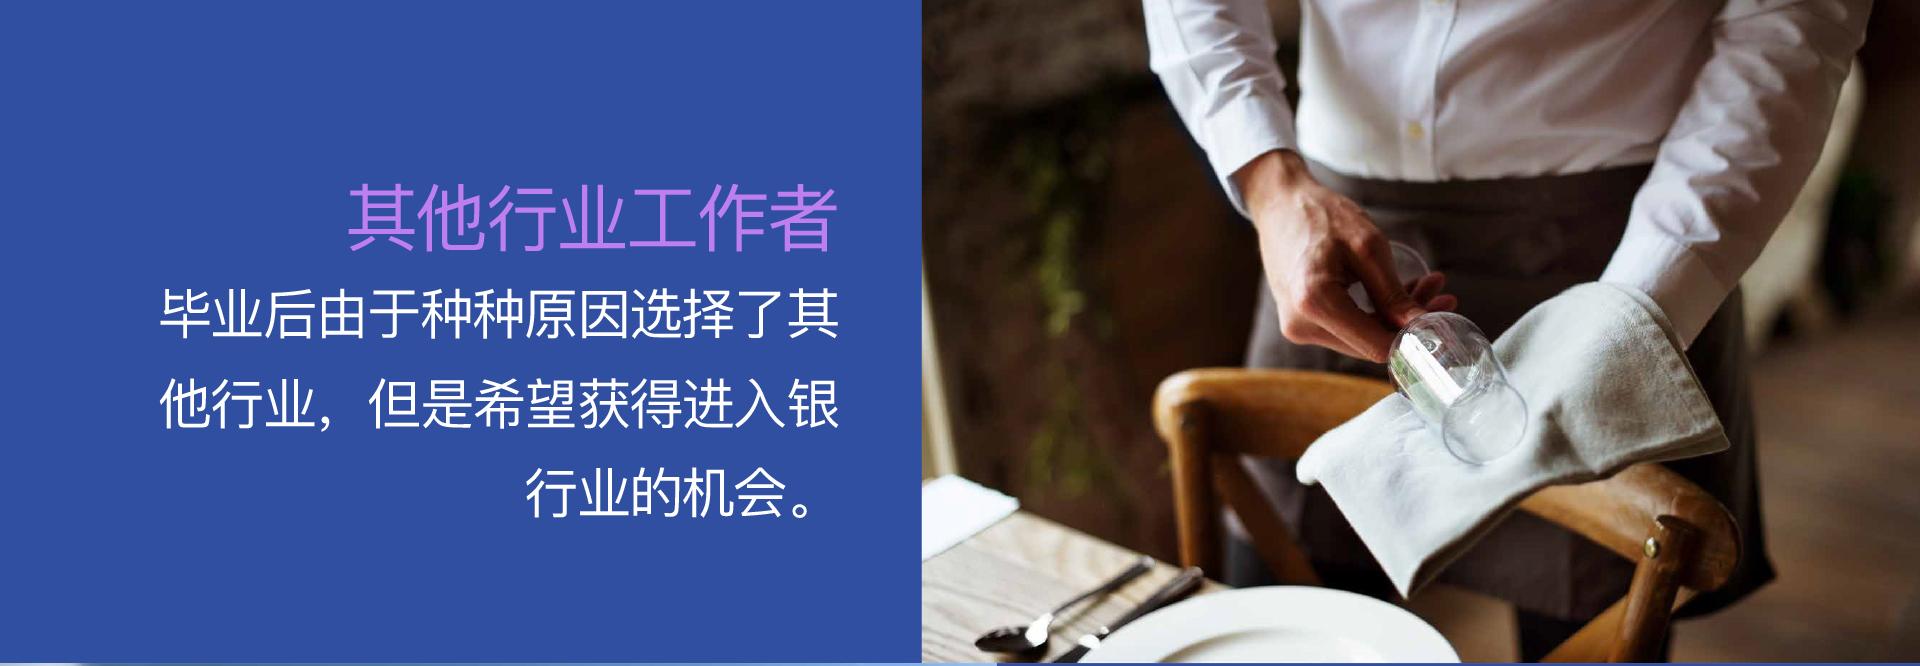 其他行业工作者 - 毕业后由于种种原因选择了其他行业,但是希望获得进入银行业的机会。